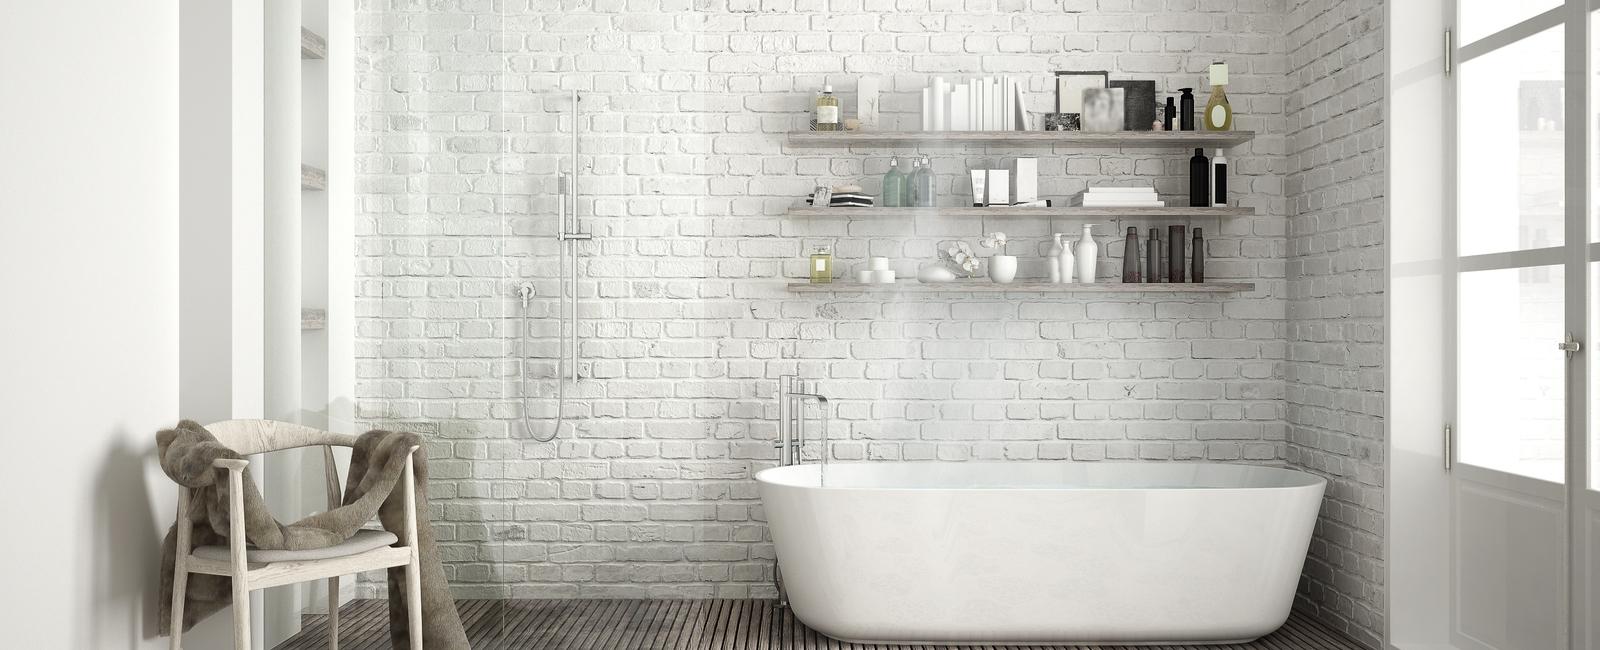 estimer le prix d 39 une r novation de salle de bain conseils travaux. Black Bedroom Furniture Sets. Home Design Ideas